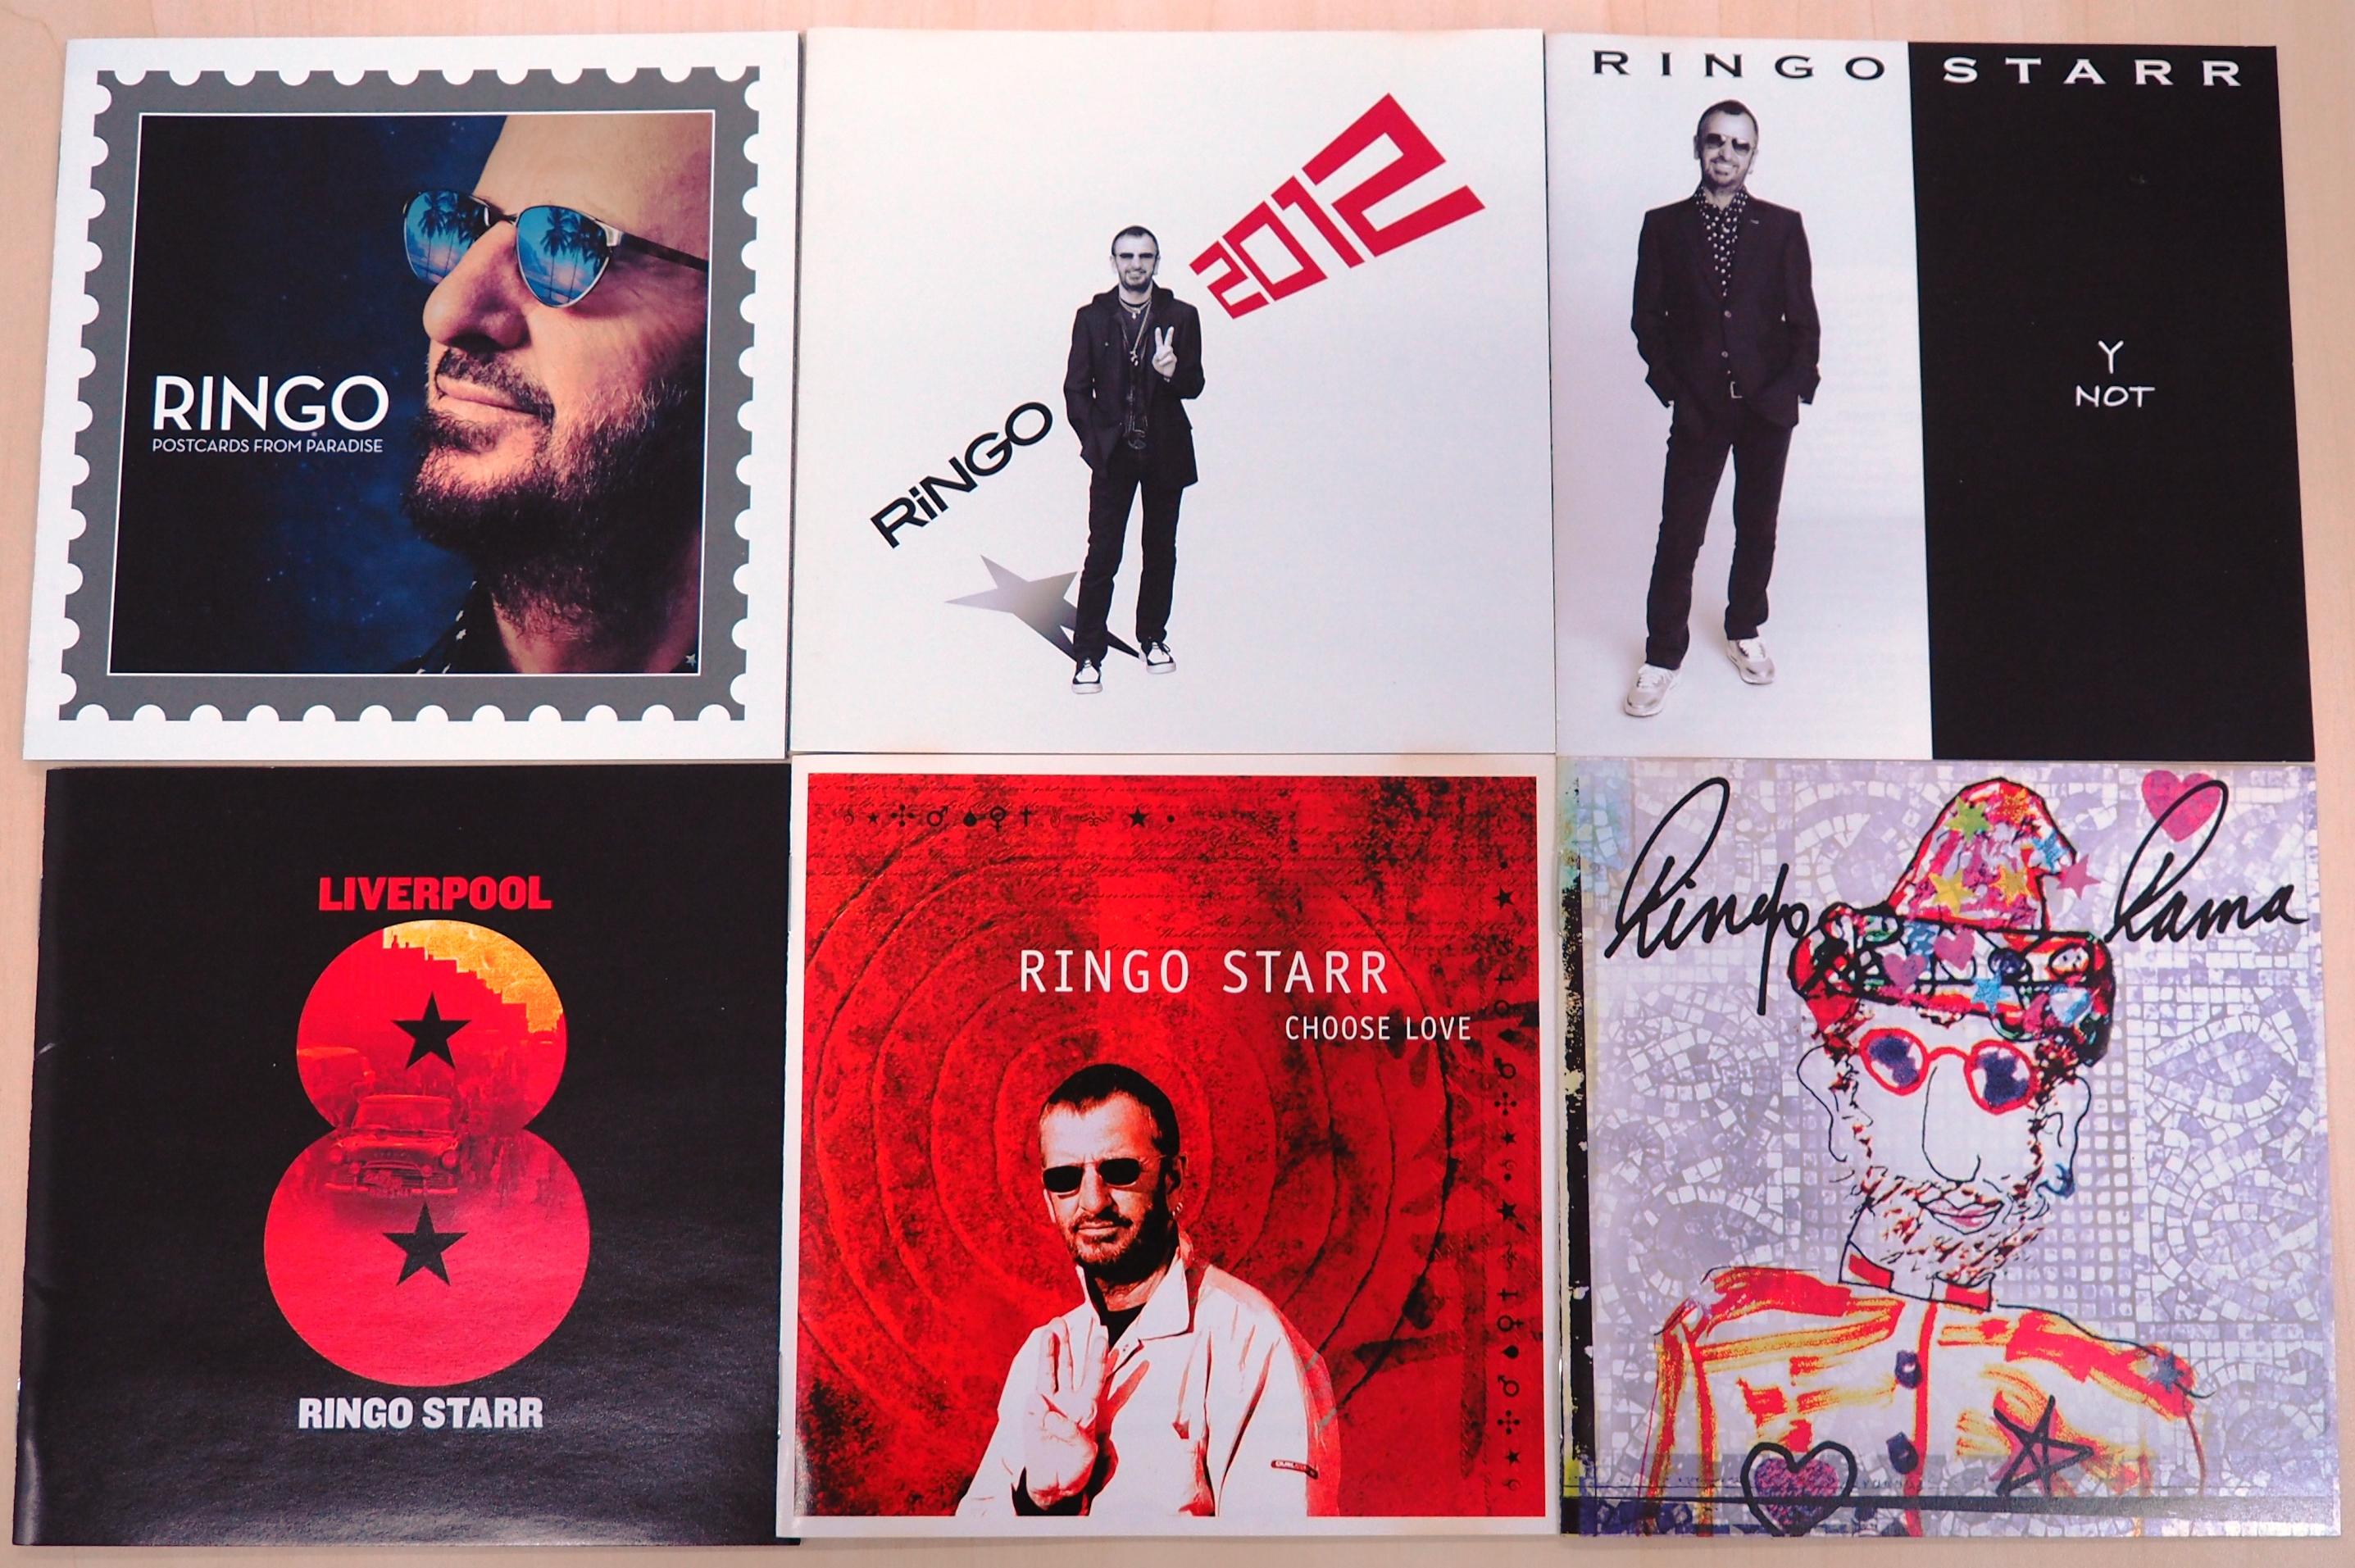 リンゴ・スターの今世紀発売された6枚のアルバム。上段左から右へ『ポストカーズ・フロム・パラダイス』、『リンゴ2012』、『ワイ・ノット』。下段左から右へ『想い出のリバプール』、『チューズ・ラヴ』、『リンゴ・ラマ』。